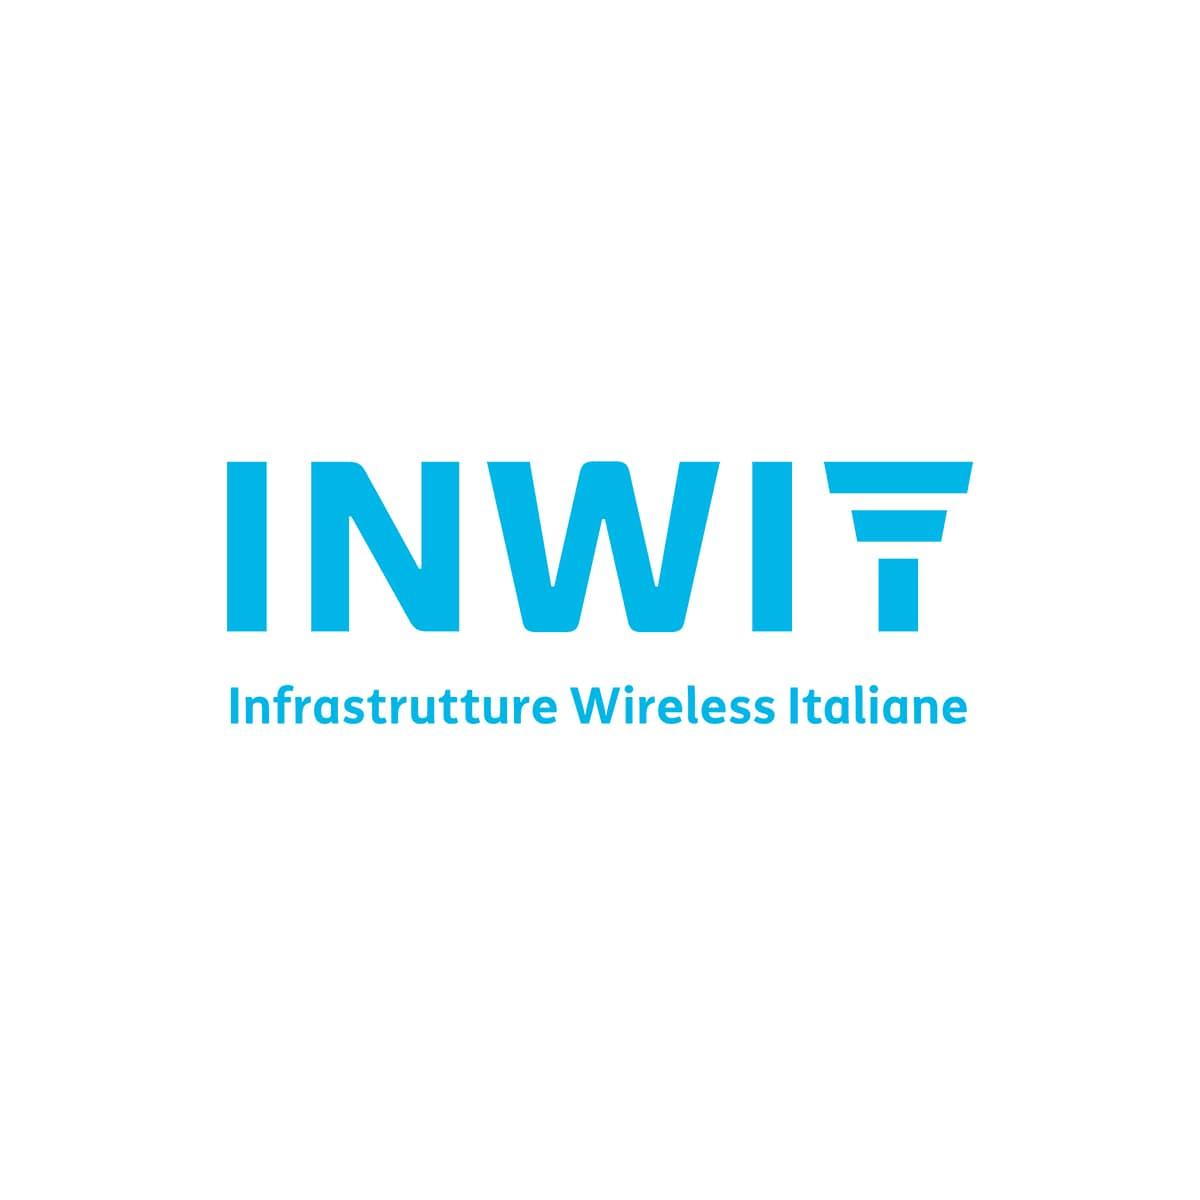 Inwit, i conti del 2020. Dividendo 2021 di 0,3 euro